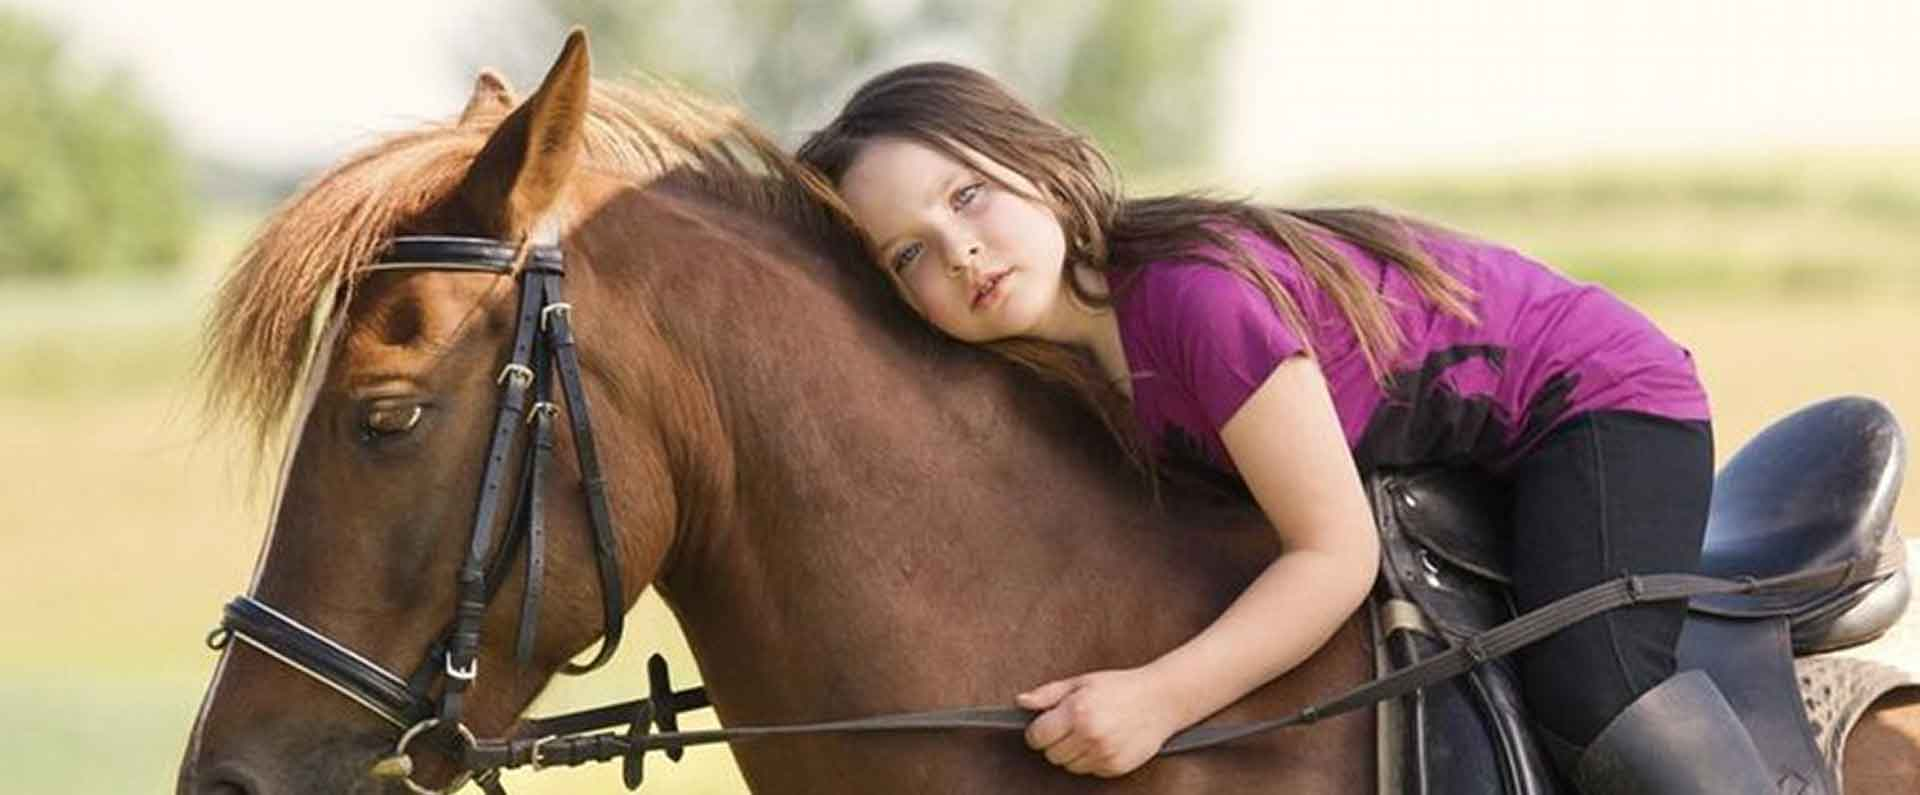 Pacchetto Bambini a cavallo